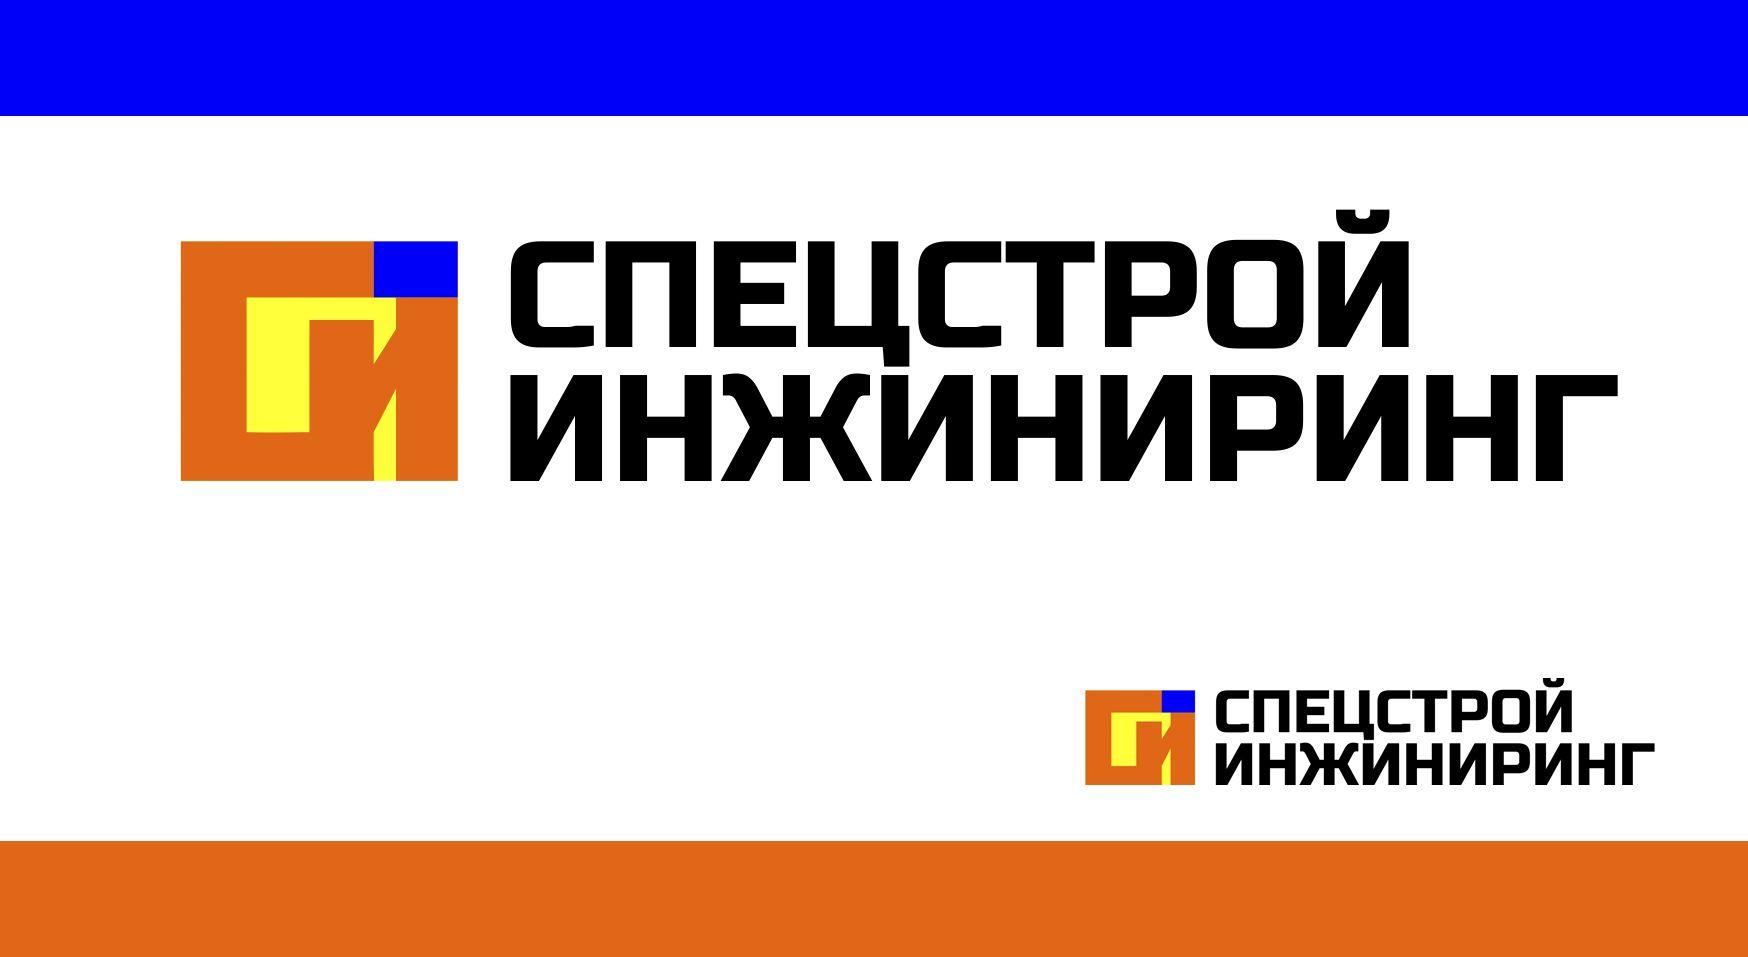 Логотип для строительной компании - дизайнер scooterlider